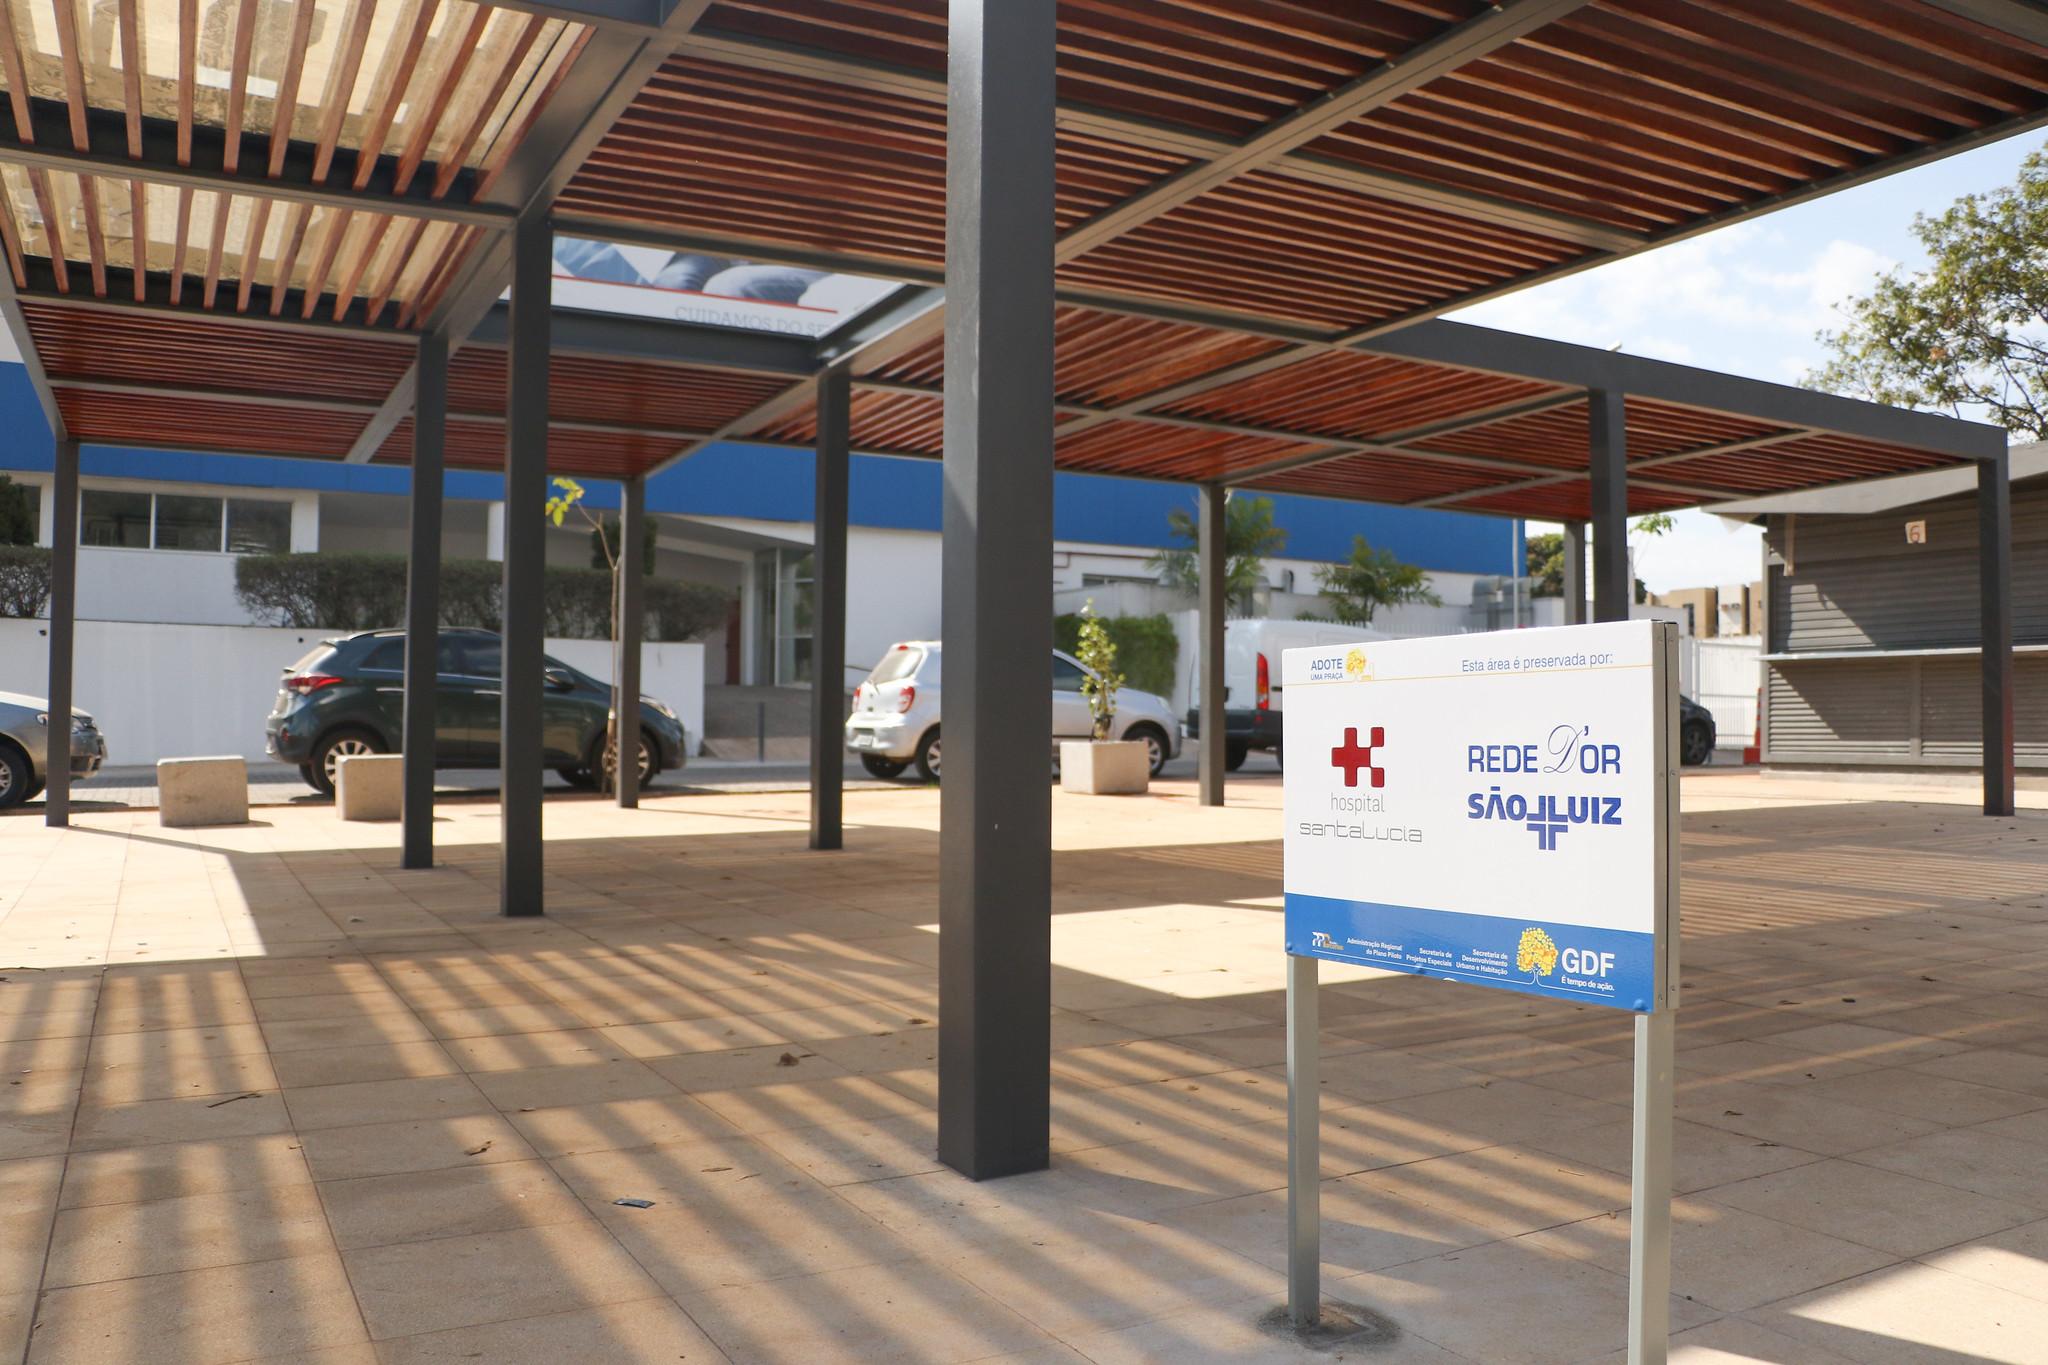 praça setor hospitalar urbano brasilia